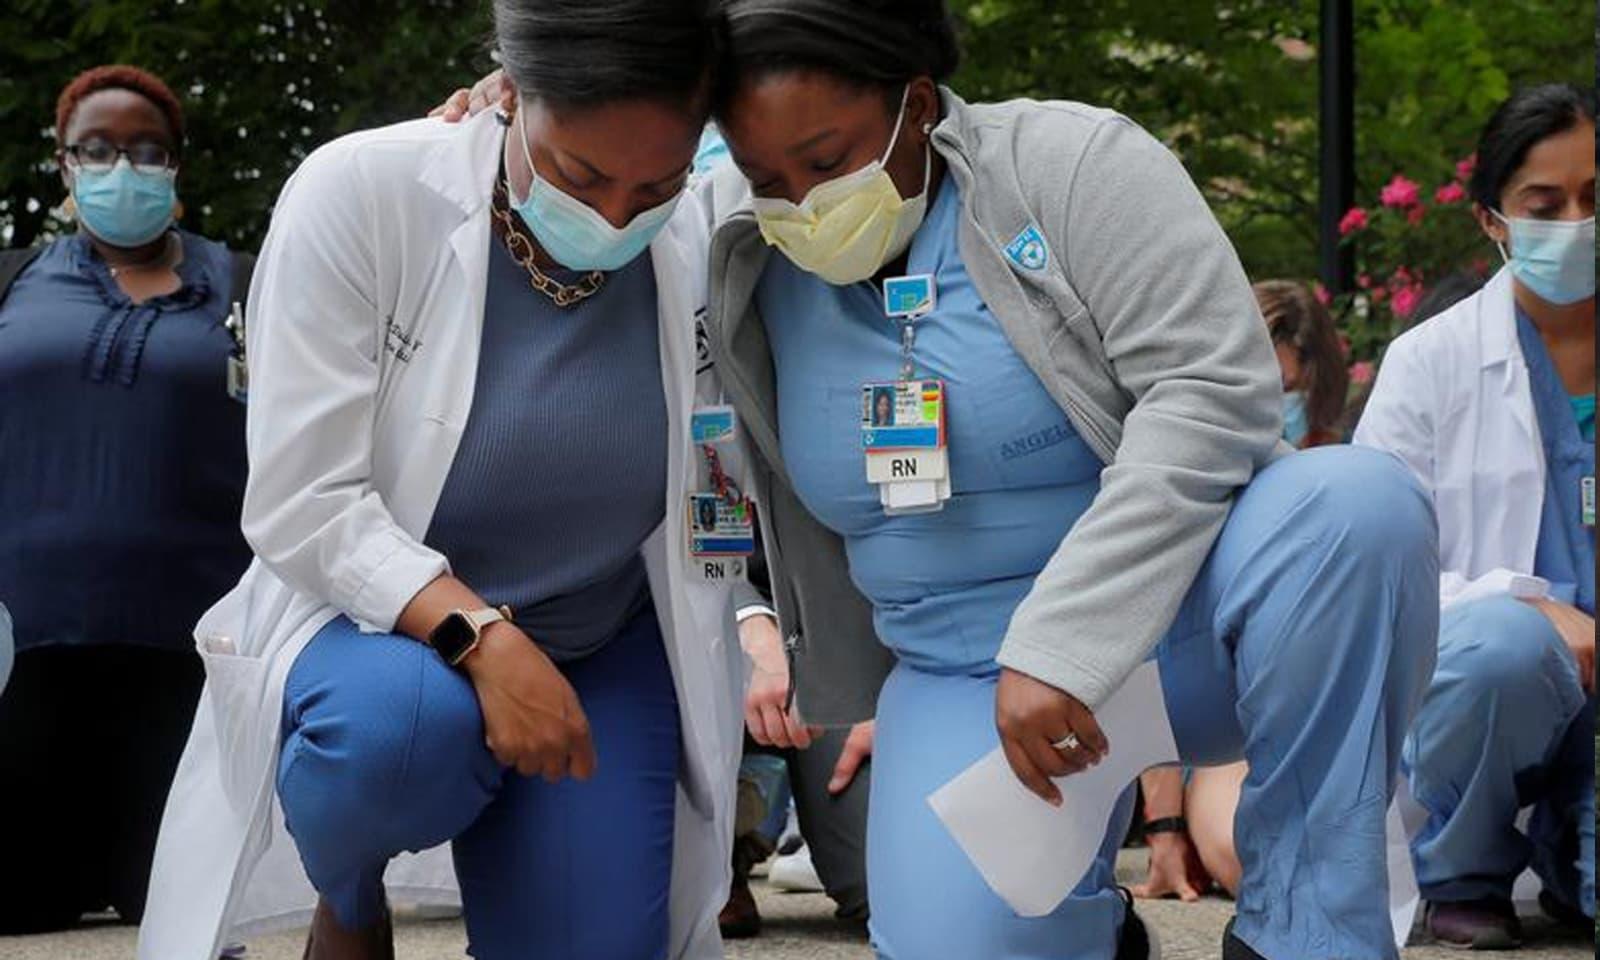 دنیا میں کورونا وائرس سے متاثرہ افراد کی تعداد ایک کروڑ سے تجاوز کرگئی